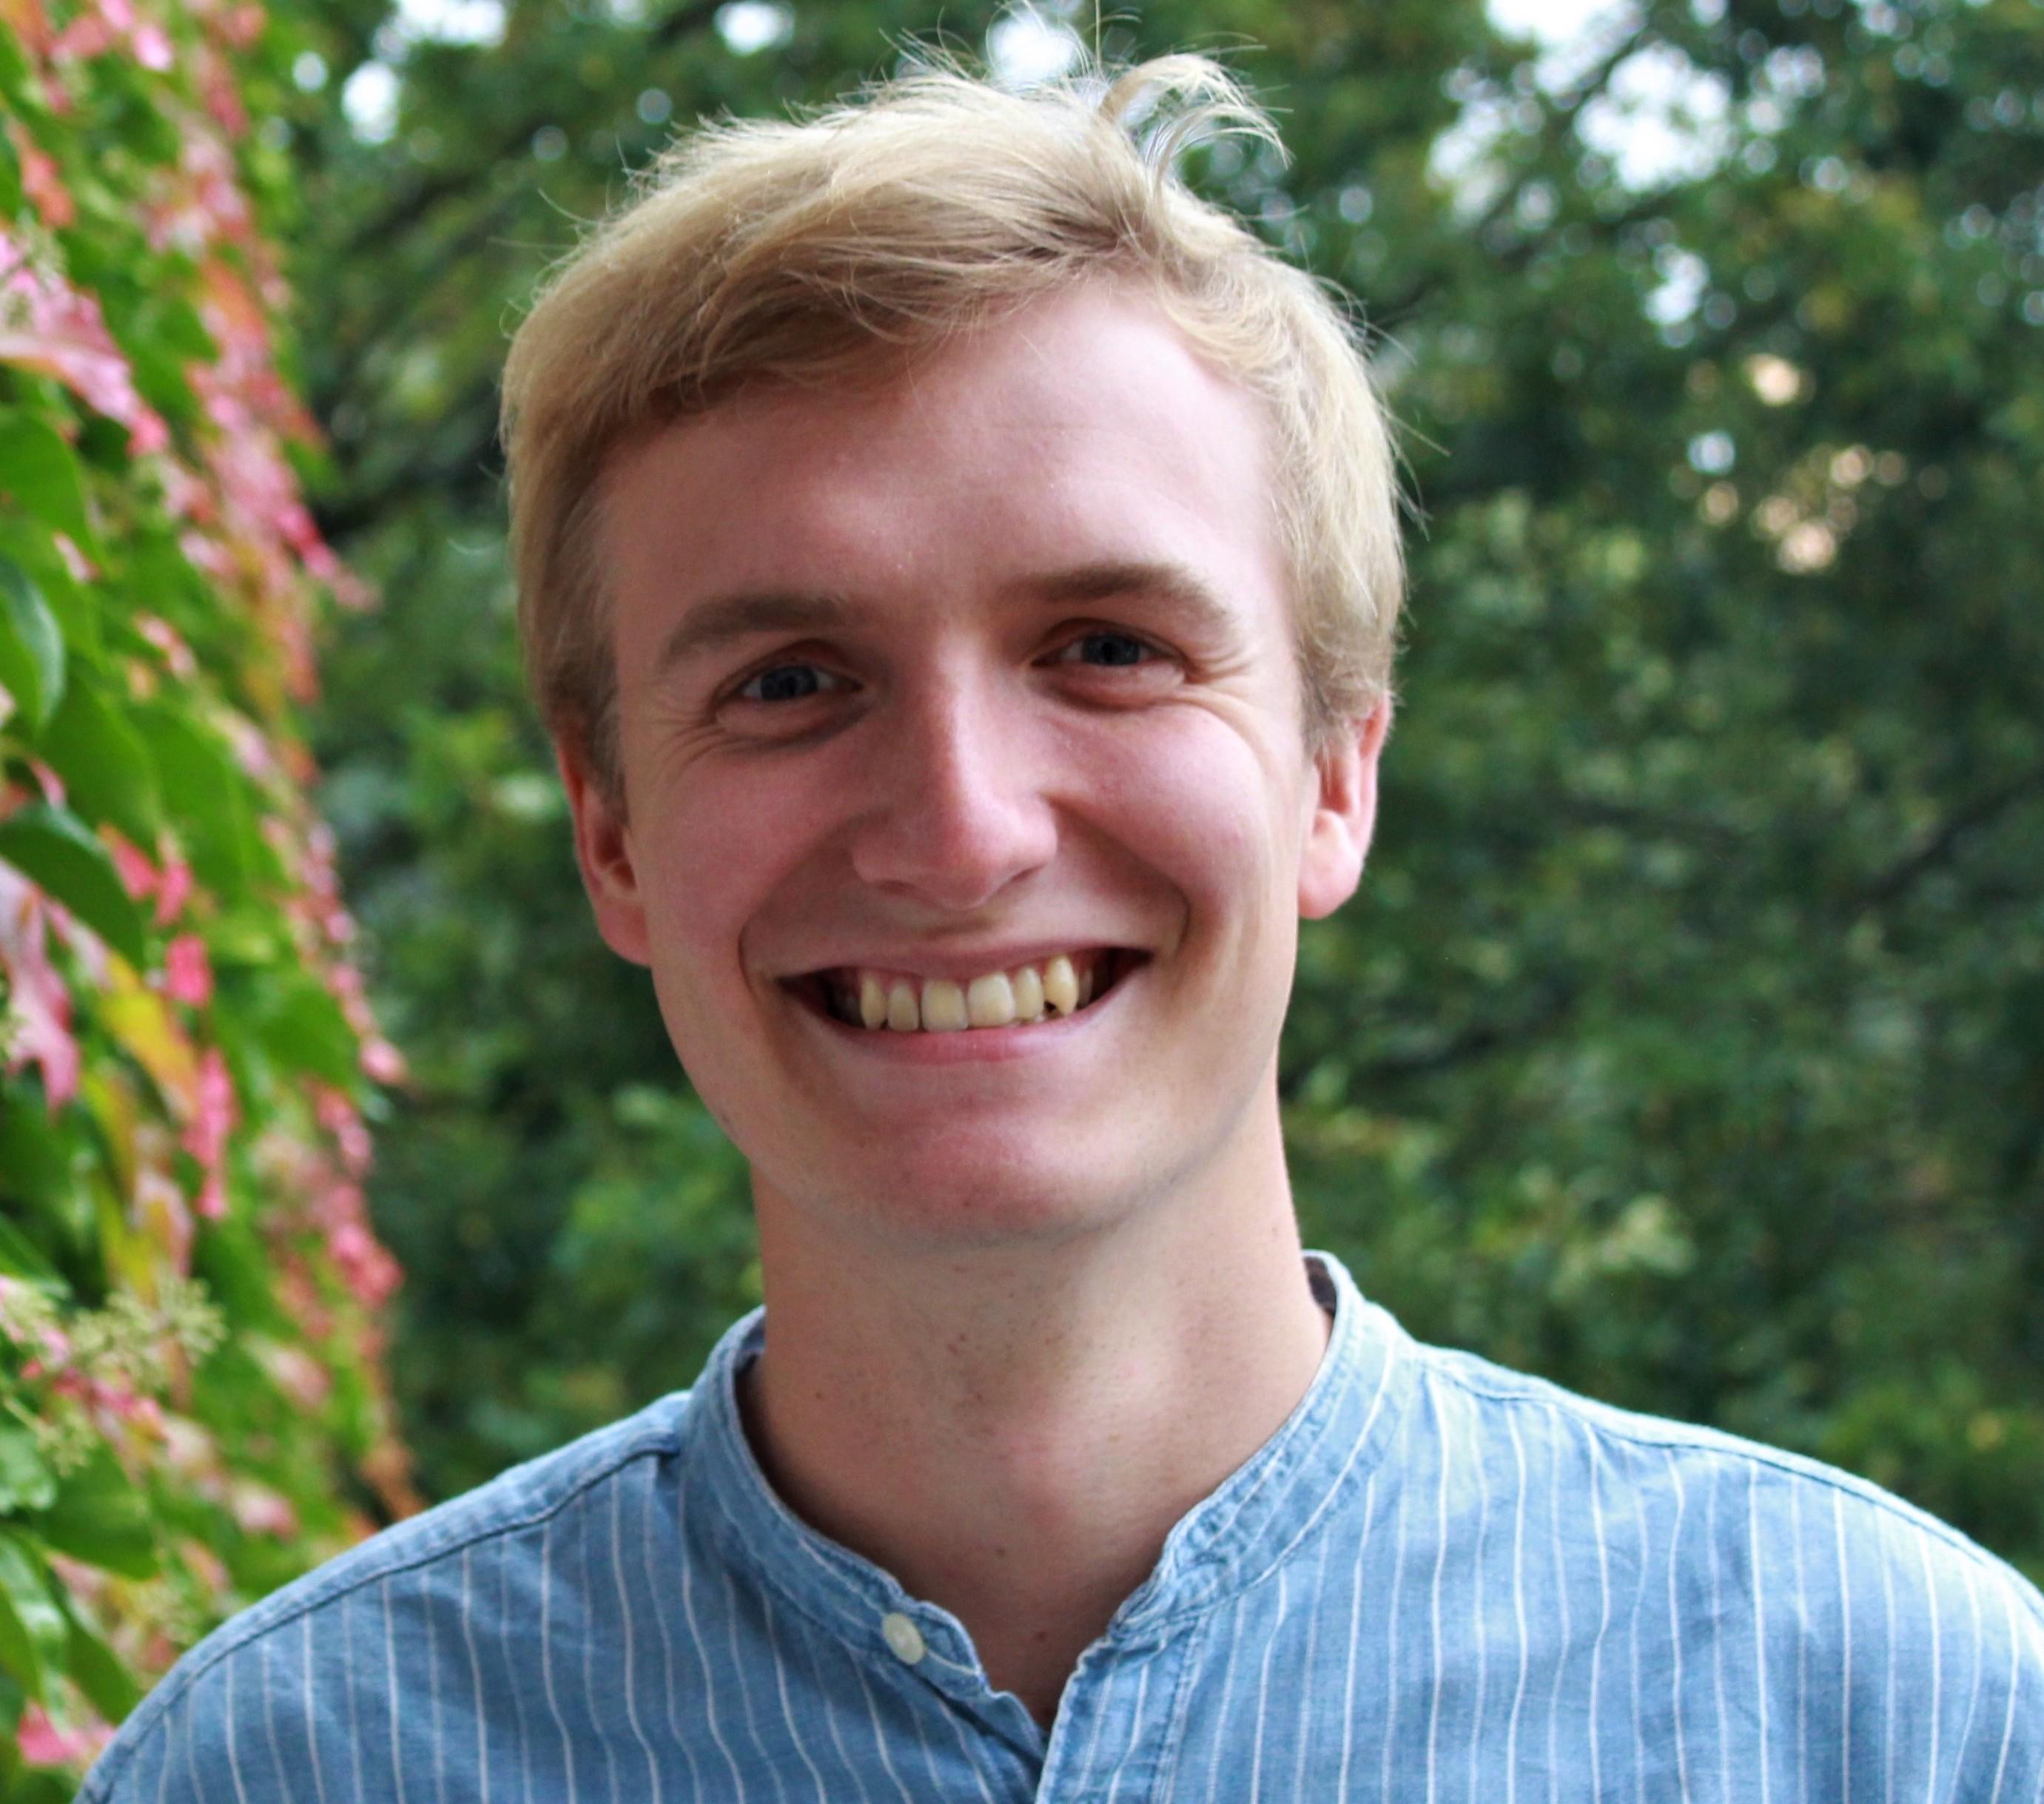 Lars Emil Svejgaard F Hansen